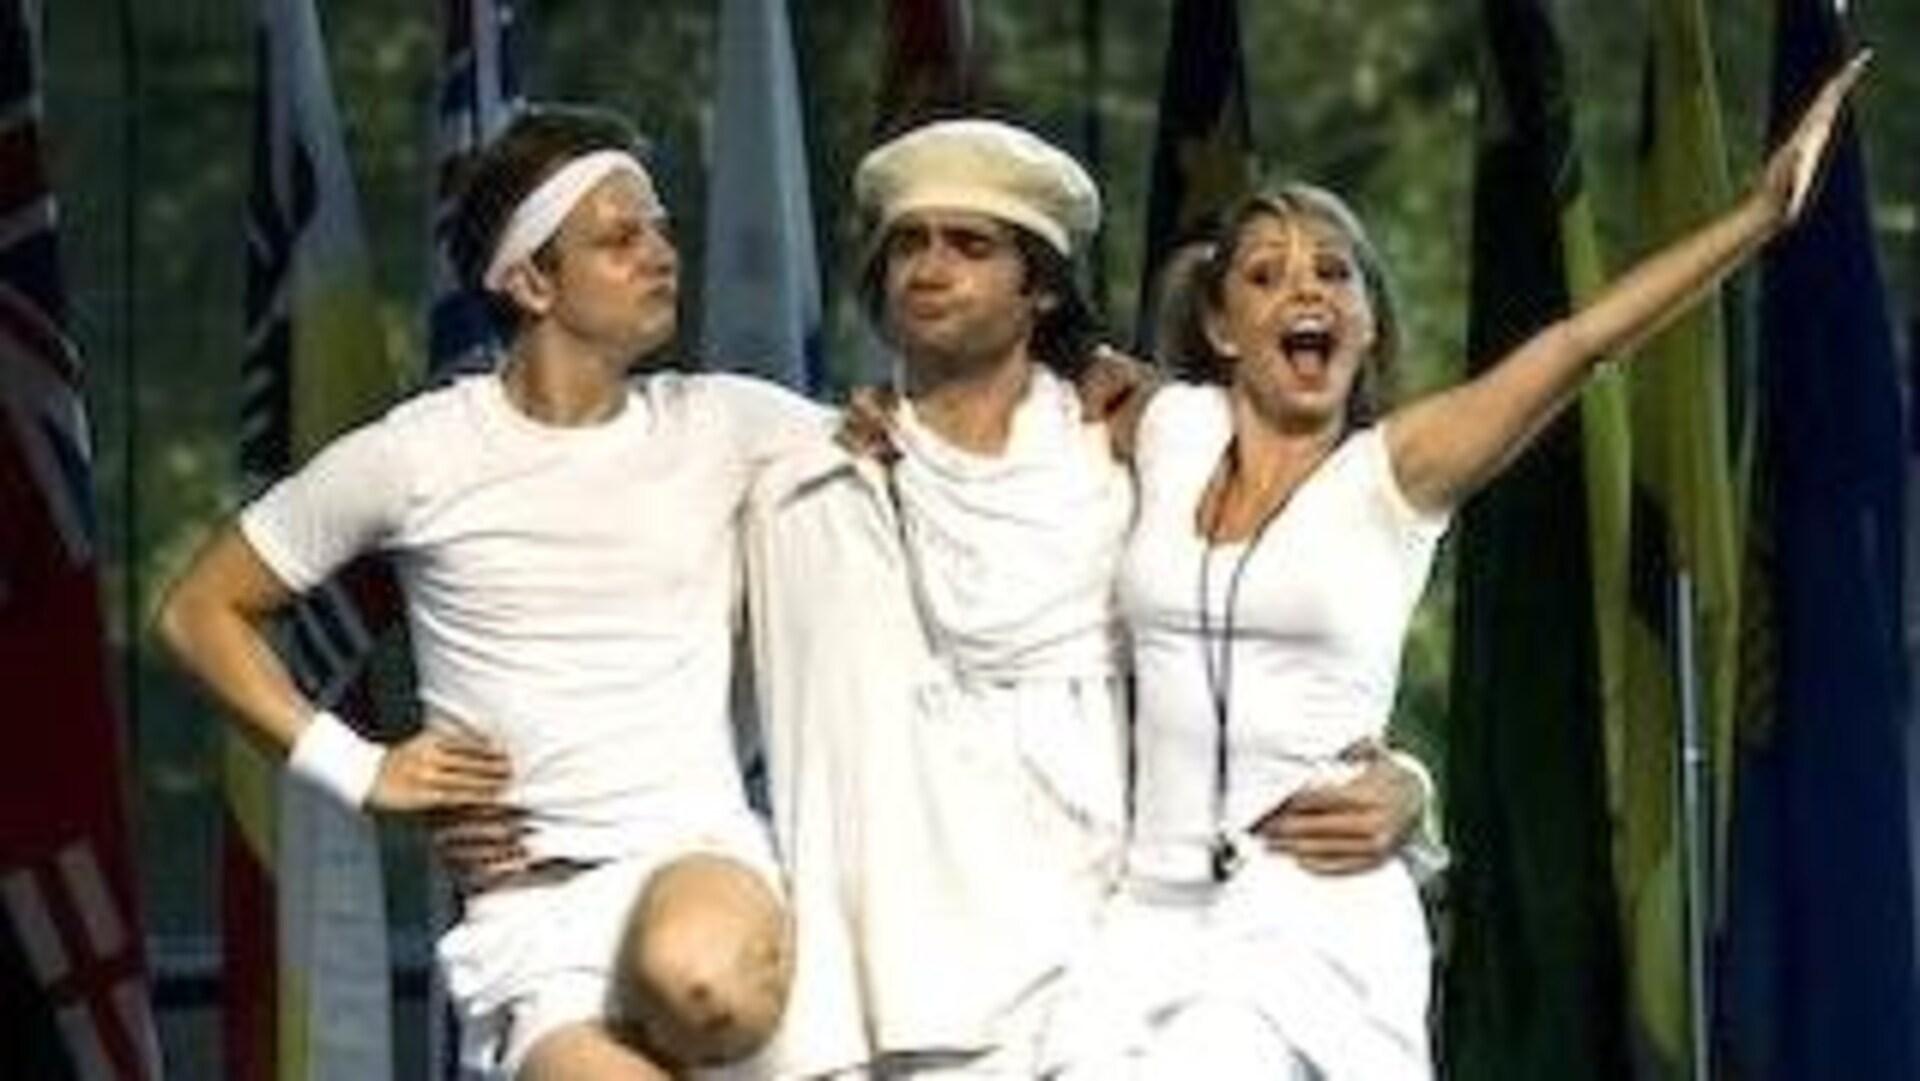 Trois personnes sont habillés en blanc sur une scène avec des drapeux en arrière d'eux.